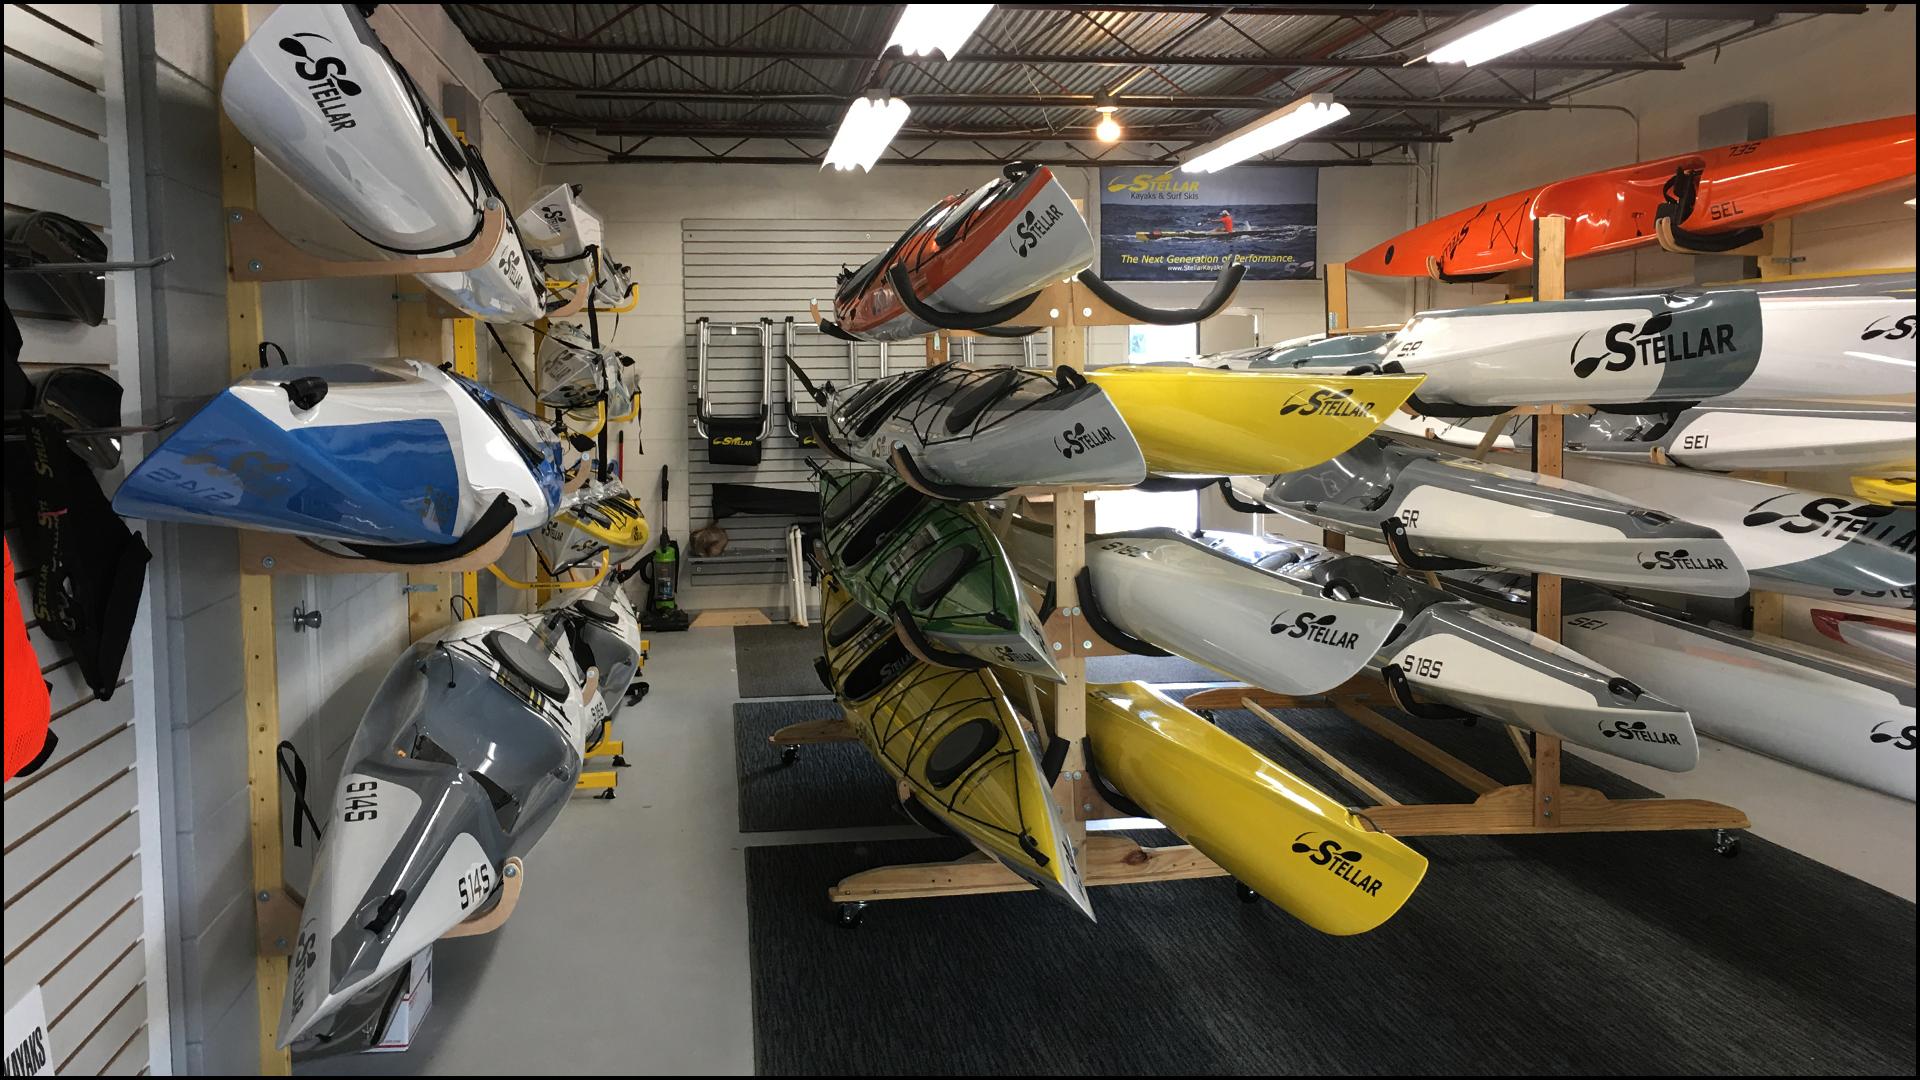 Stellar Kayaks Orlando